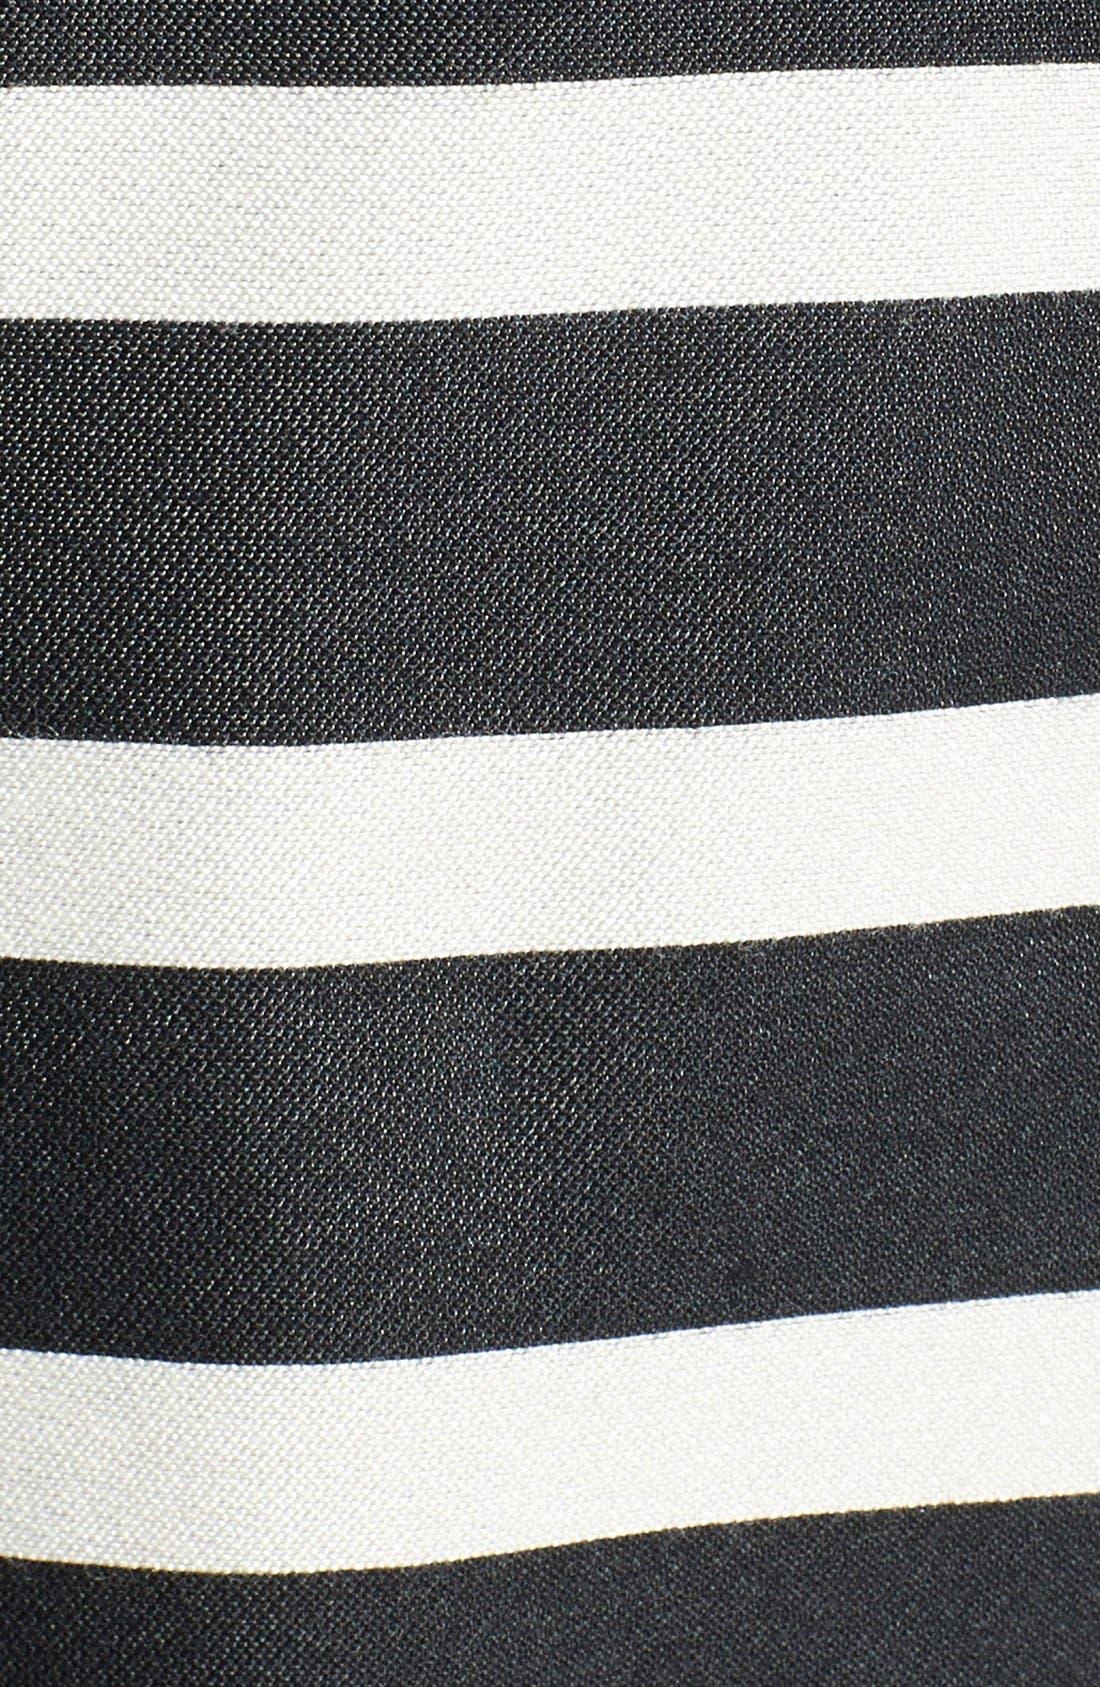 Alternate Image 4  - Eliza J Belted Stripe Jacquard Fit & Flare Dress